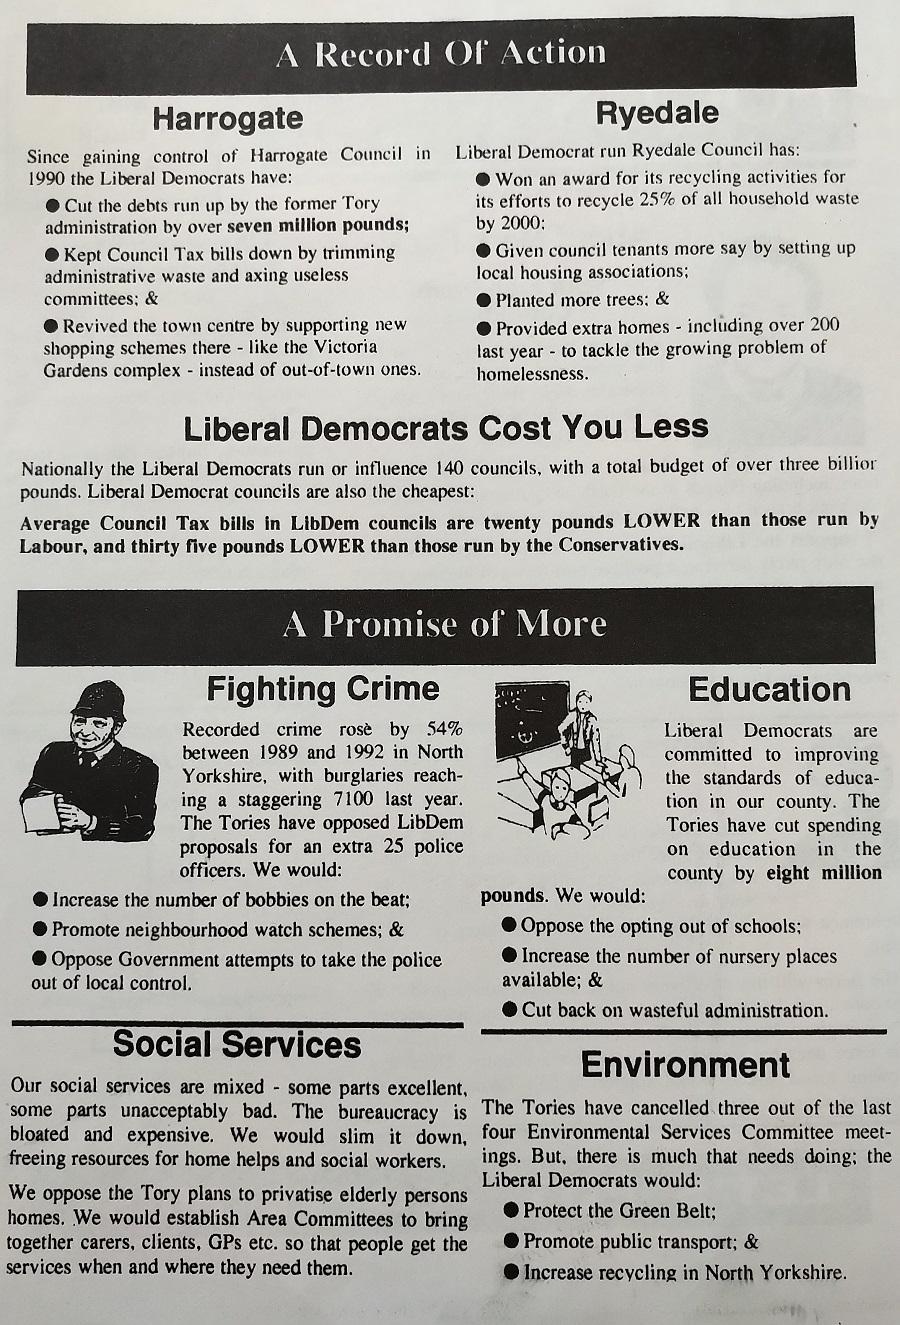 Mark Pack 1993 election leaflet back